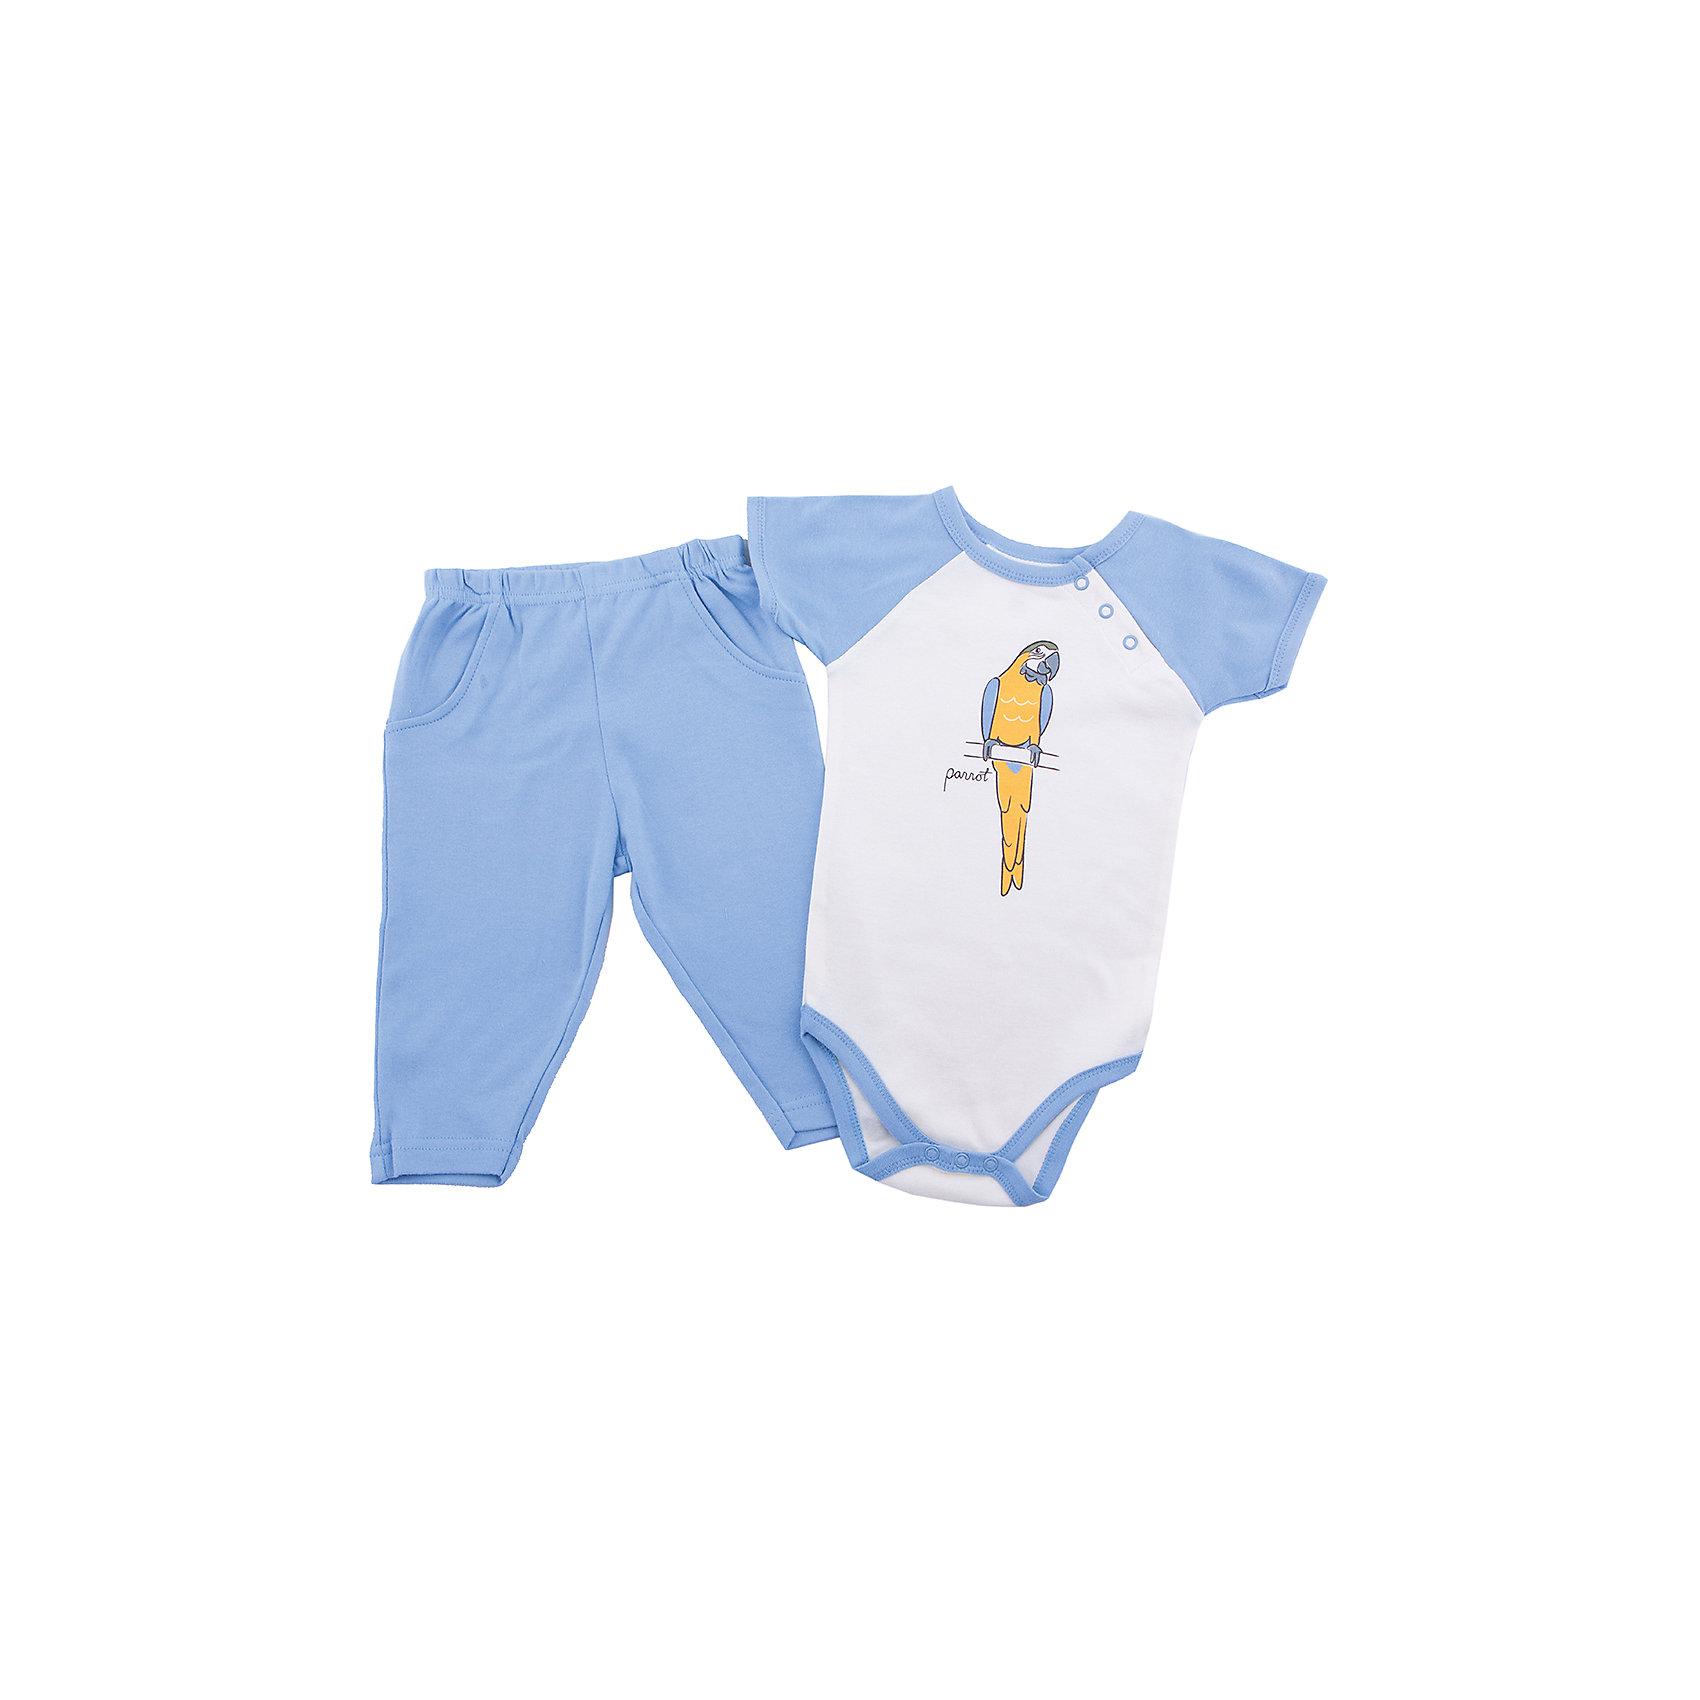 Hudson Baby Комплект для мальчика: боди и штанишки для мальчика Hudson Baby hudson baby детская